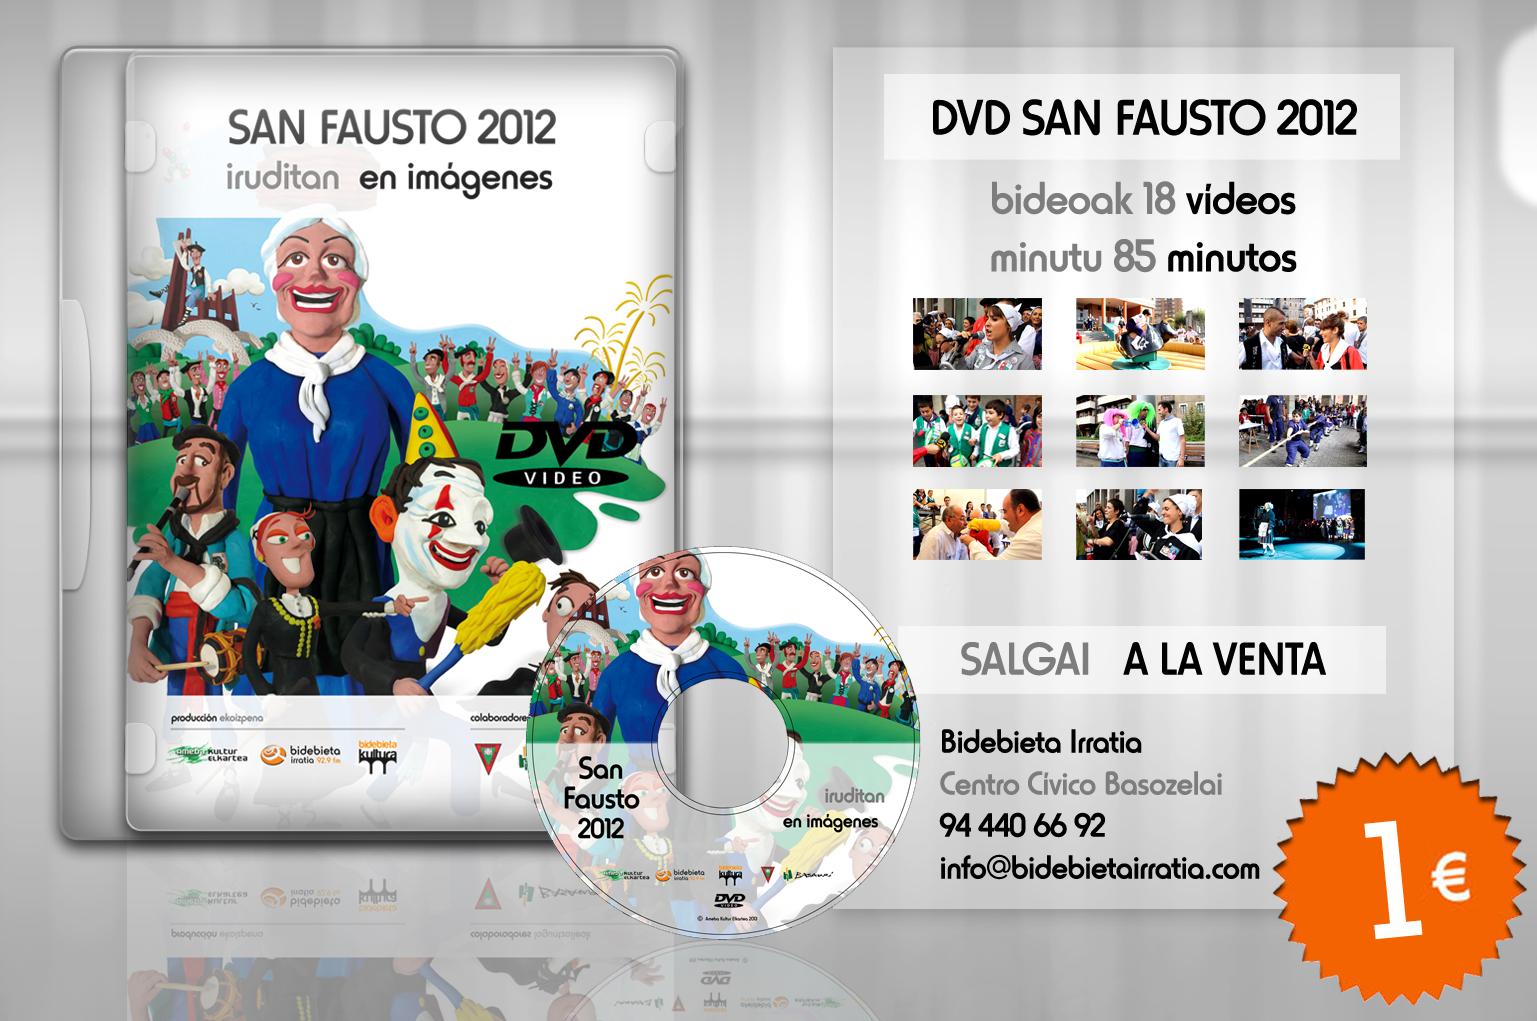 2012_dvd_cartel_anuncio